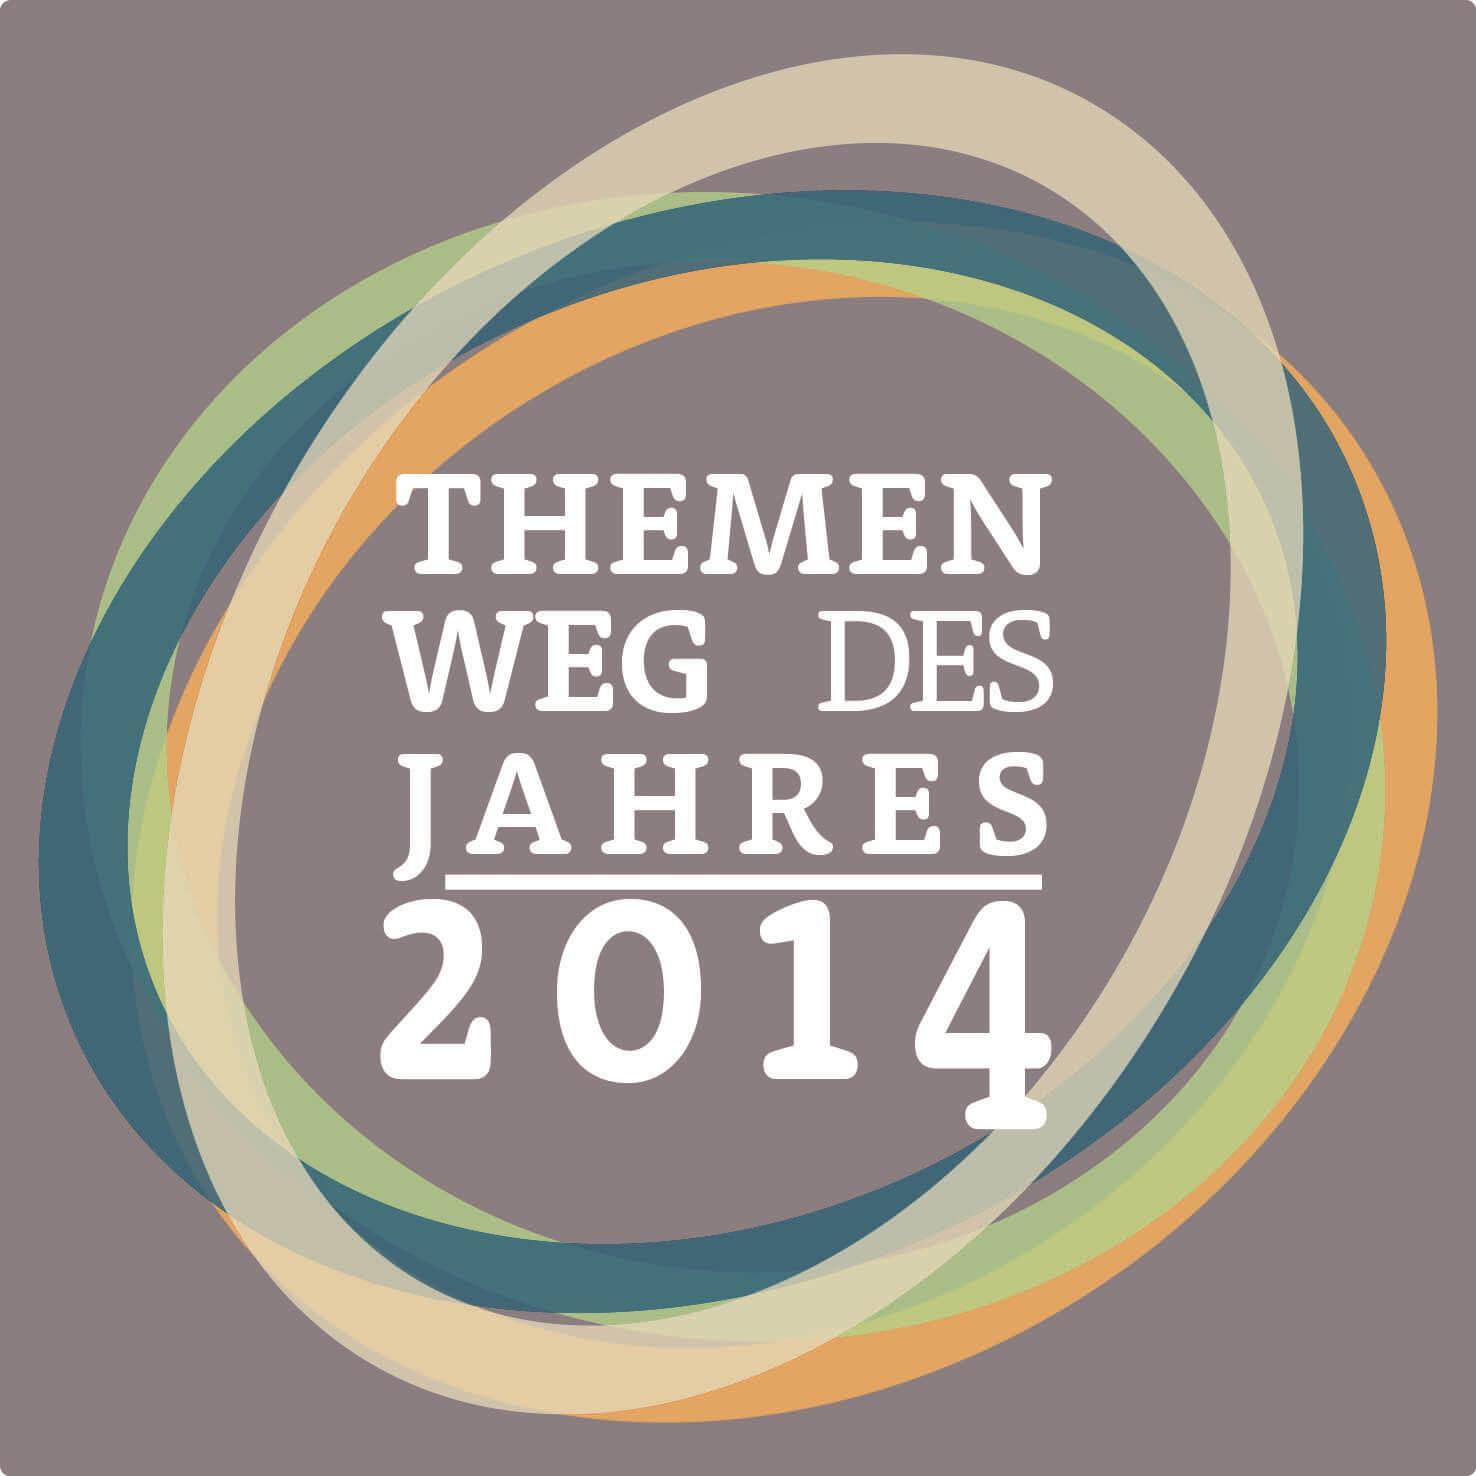 logo themenweg weg des jahres 2014